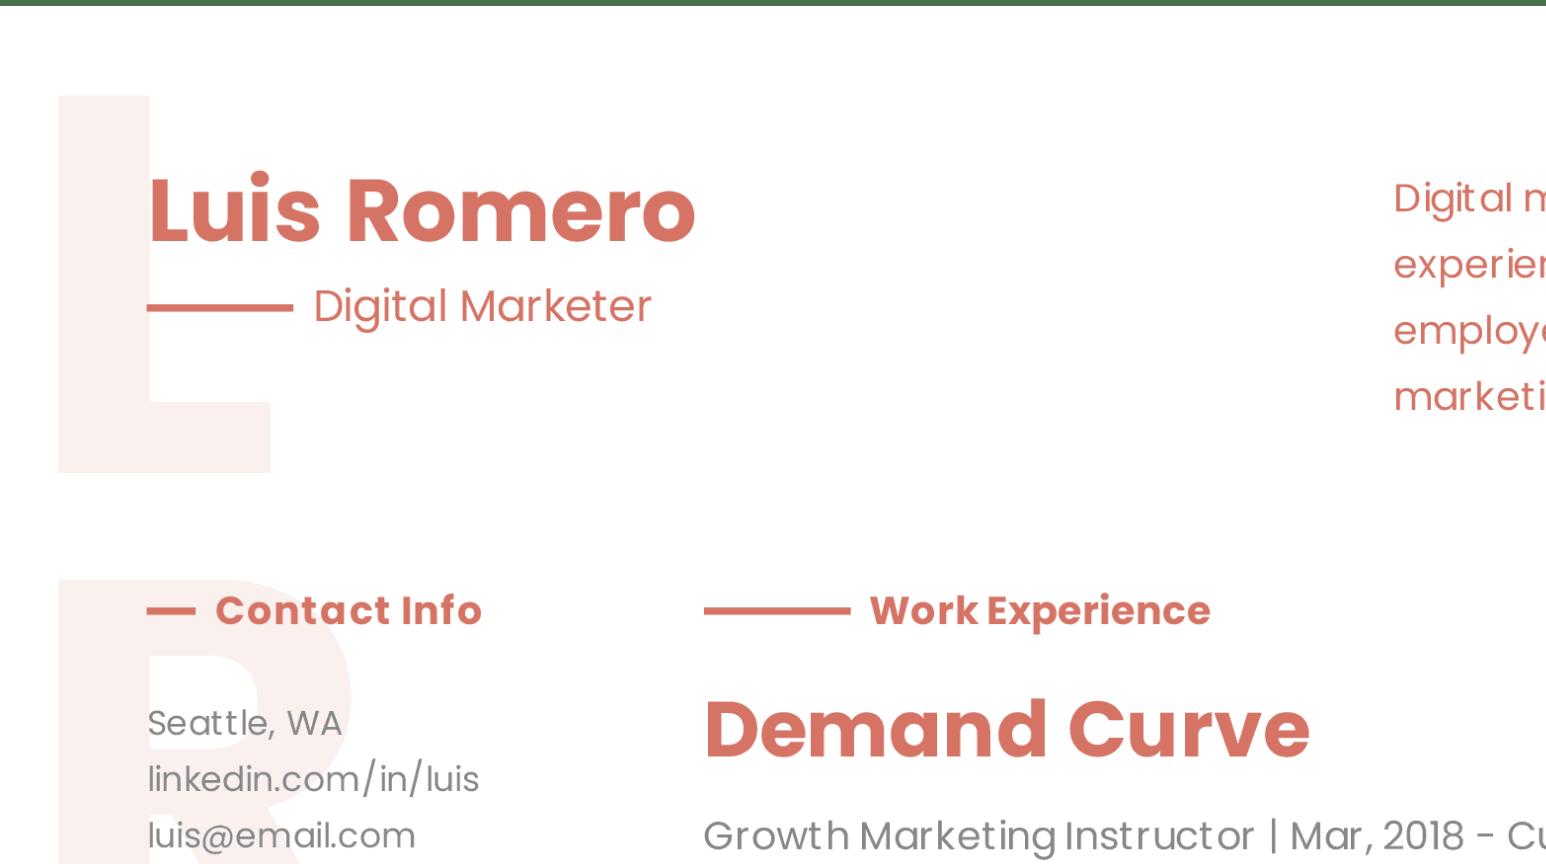 Design details of modern Digital Marketer resume sample.